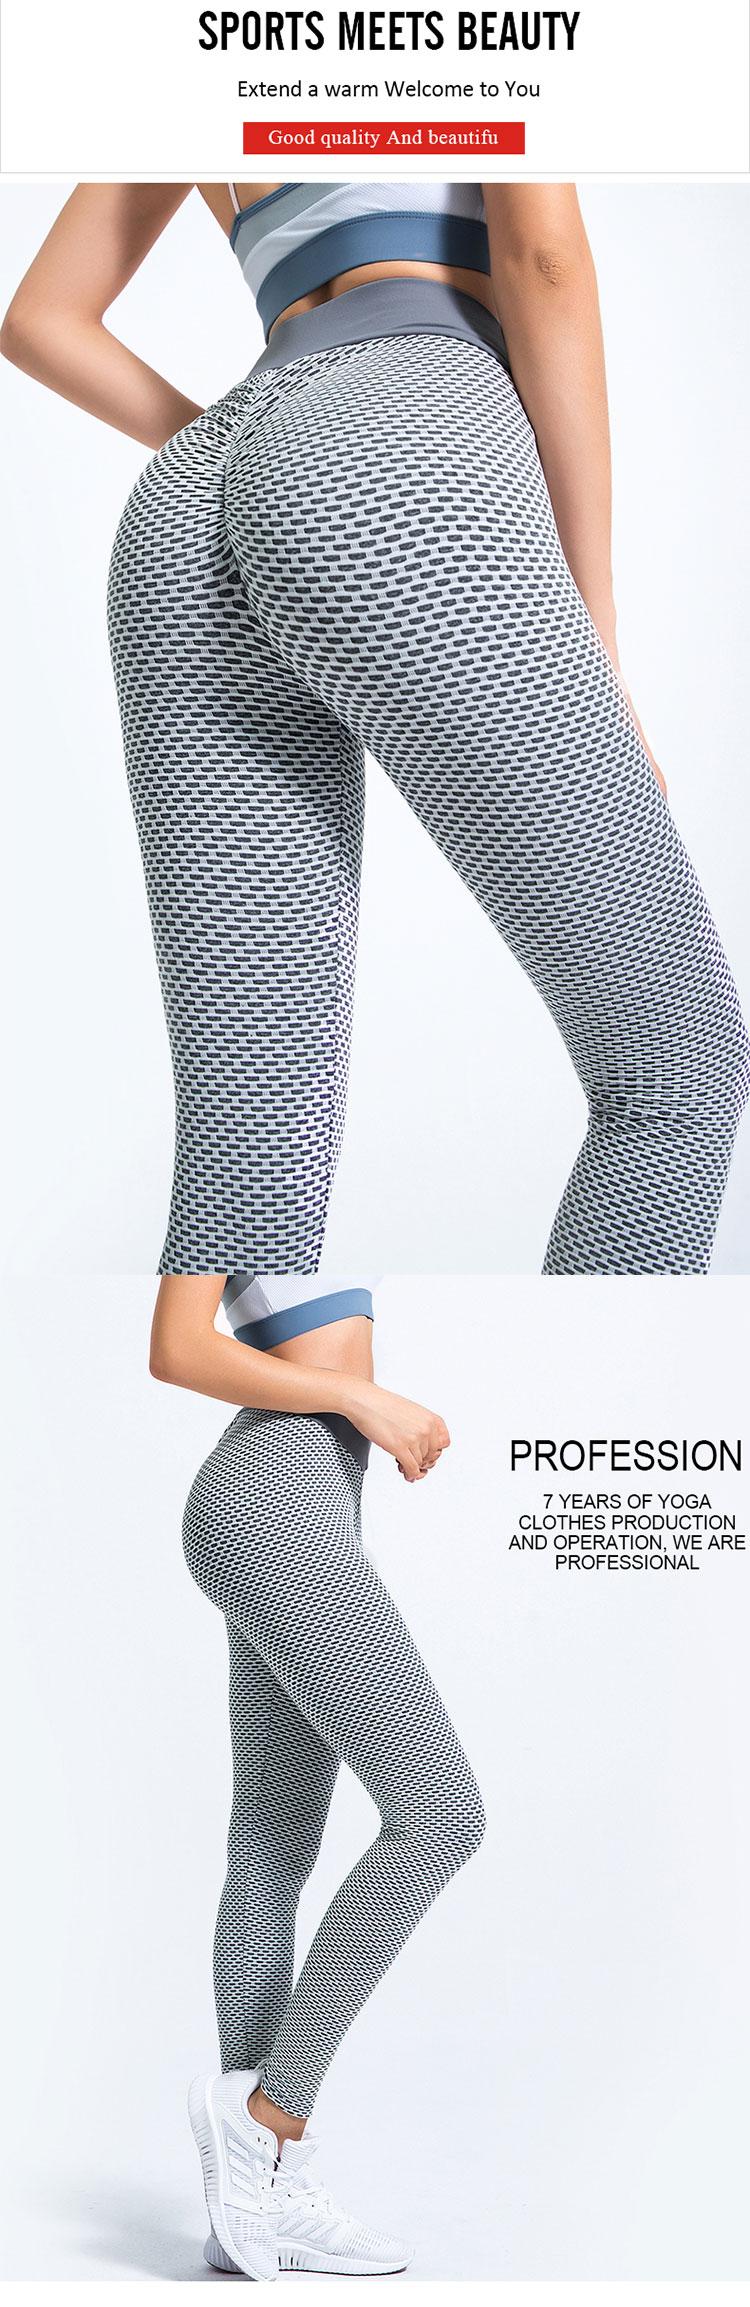 Best-sports-leggings-brings-new-experience